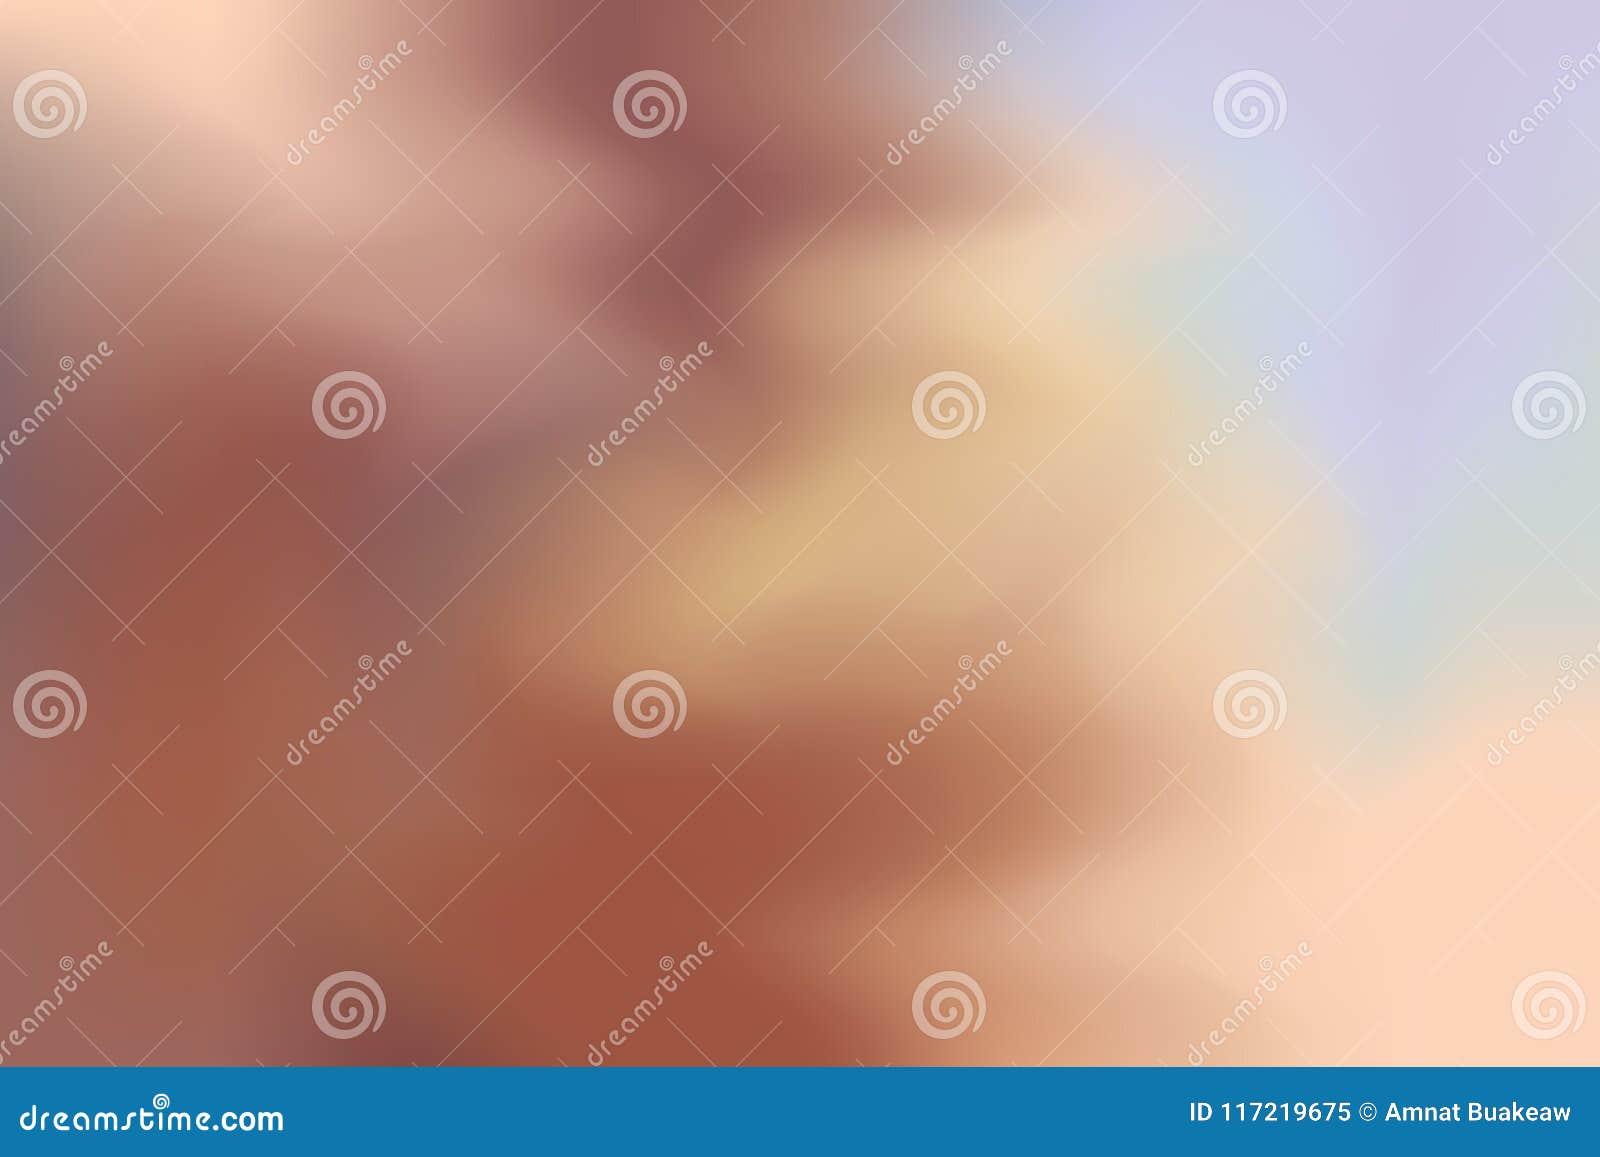 Brown purpurowy miękki kolor mieszał tło obrazu sztuki pastelowego abstrakt, kolorowa sztuki tapeta